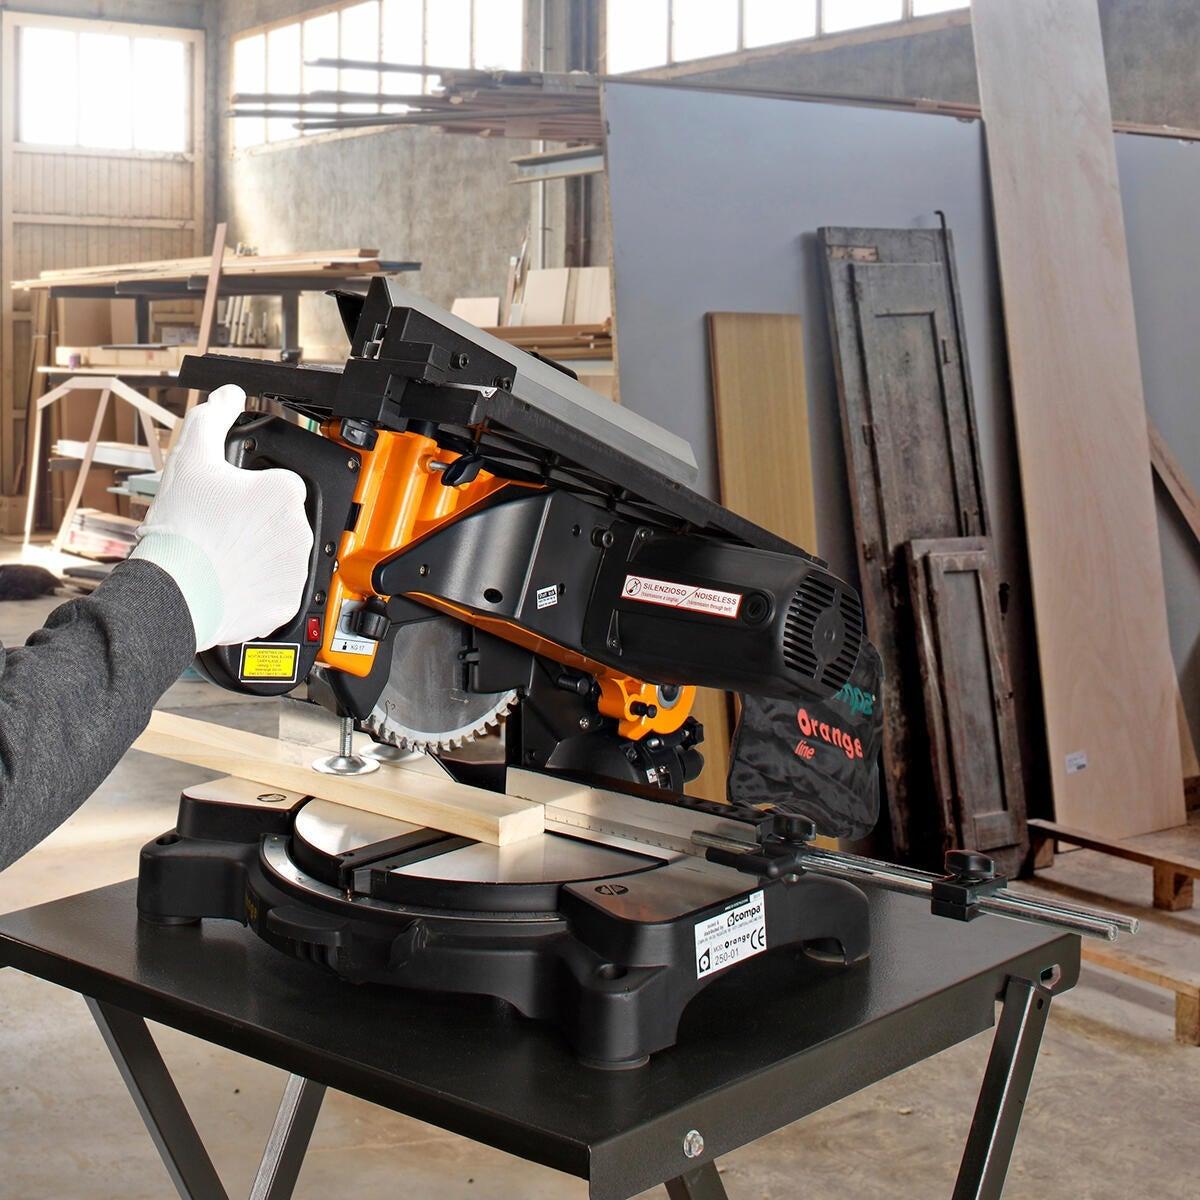 Troncatrice con pianetto COMPA ORANGE 250 Ø 250 mm 1600 W 4800 giri/mm - 3